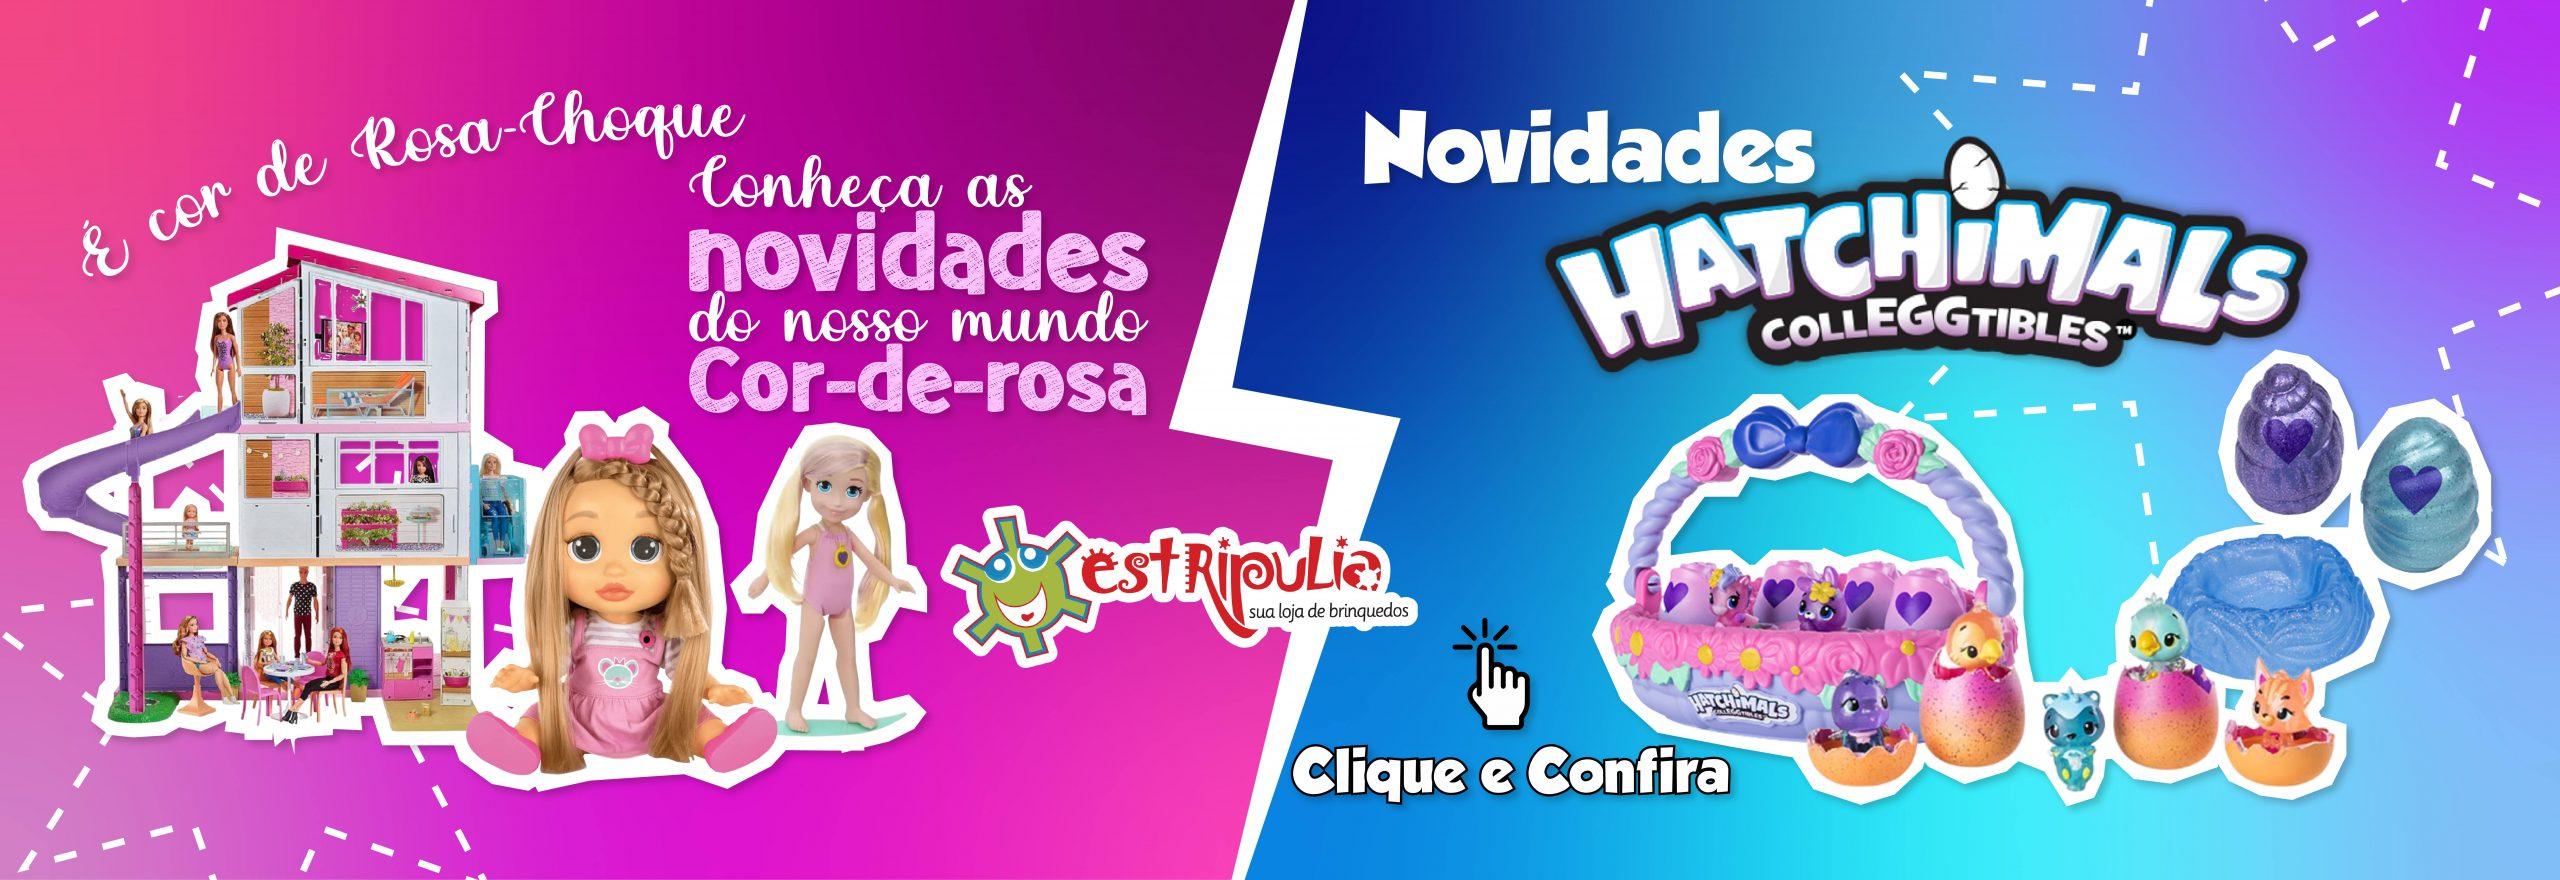 Rosa/Hatchimals